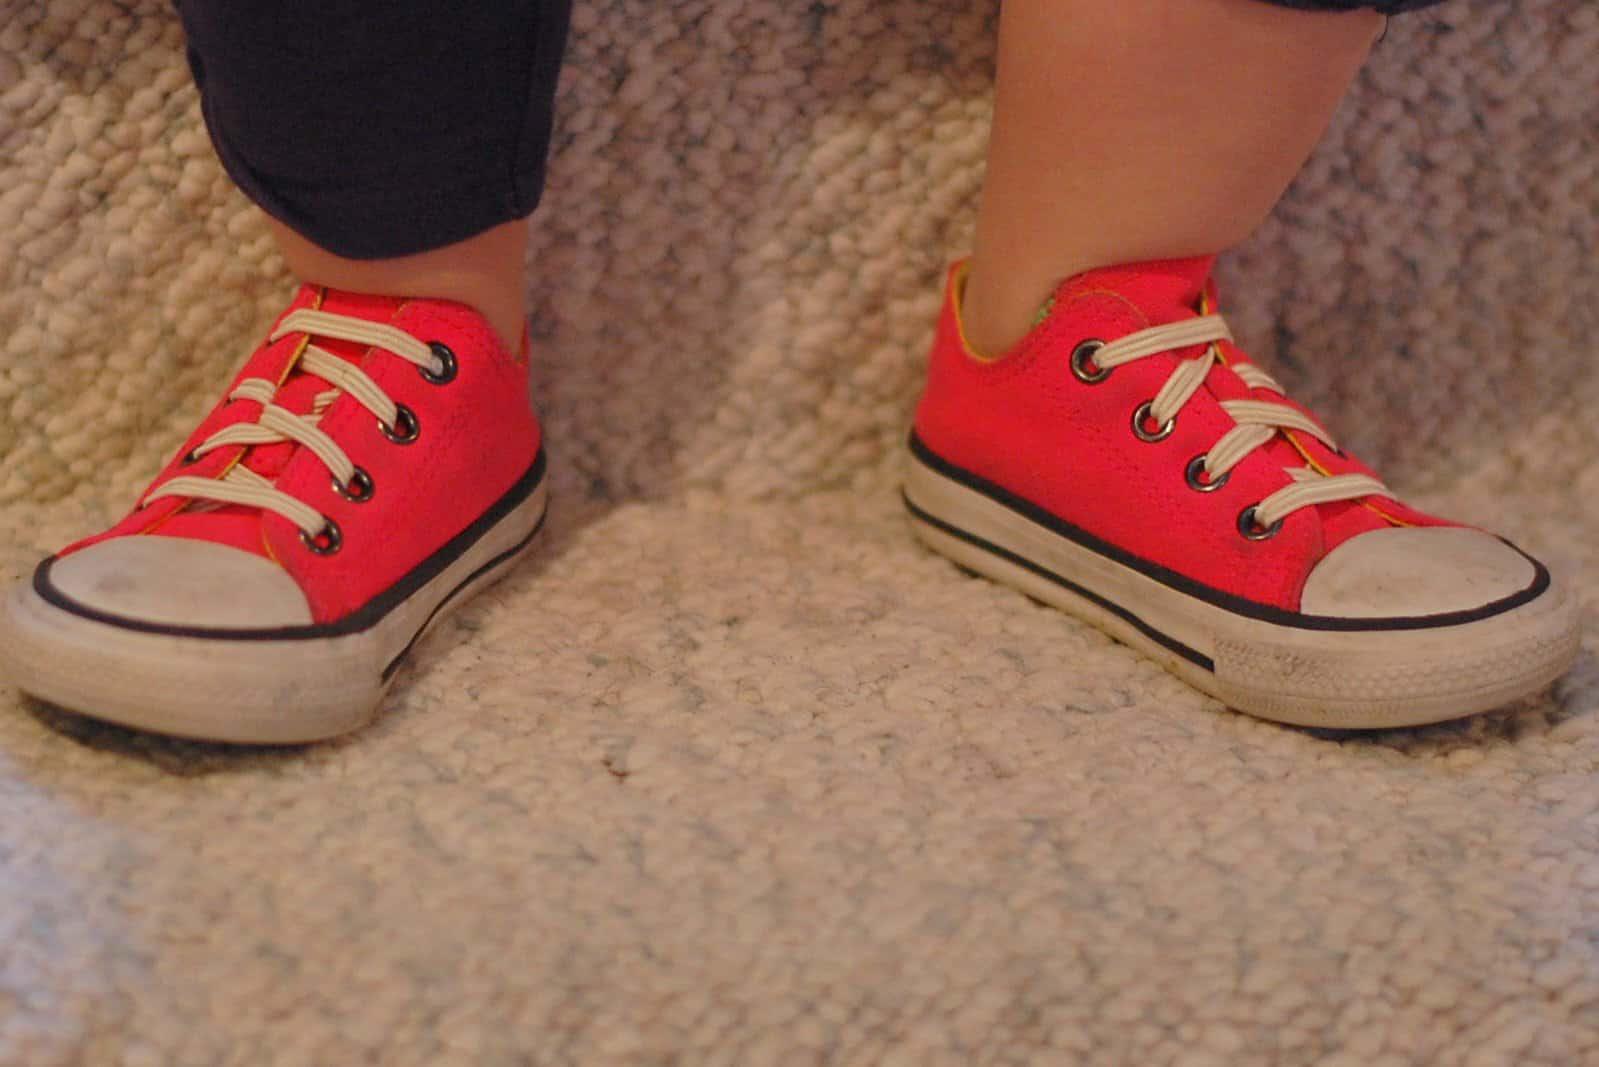 Elastic no-tie shoelaces